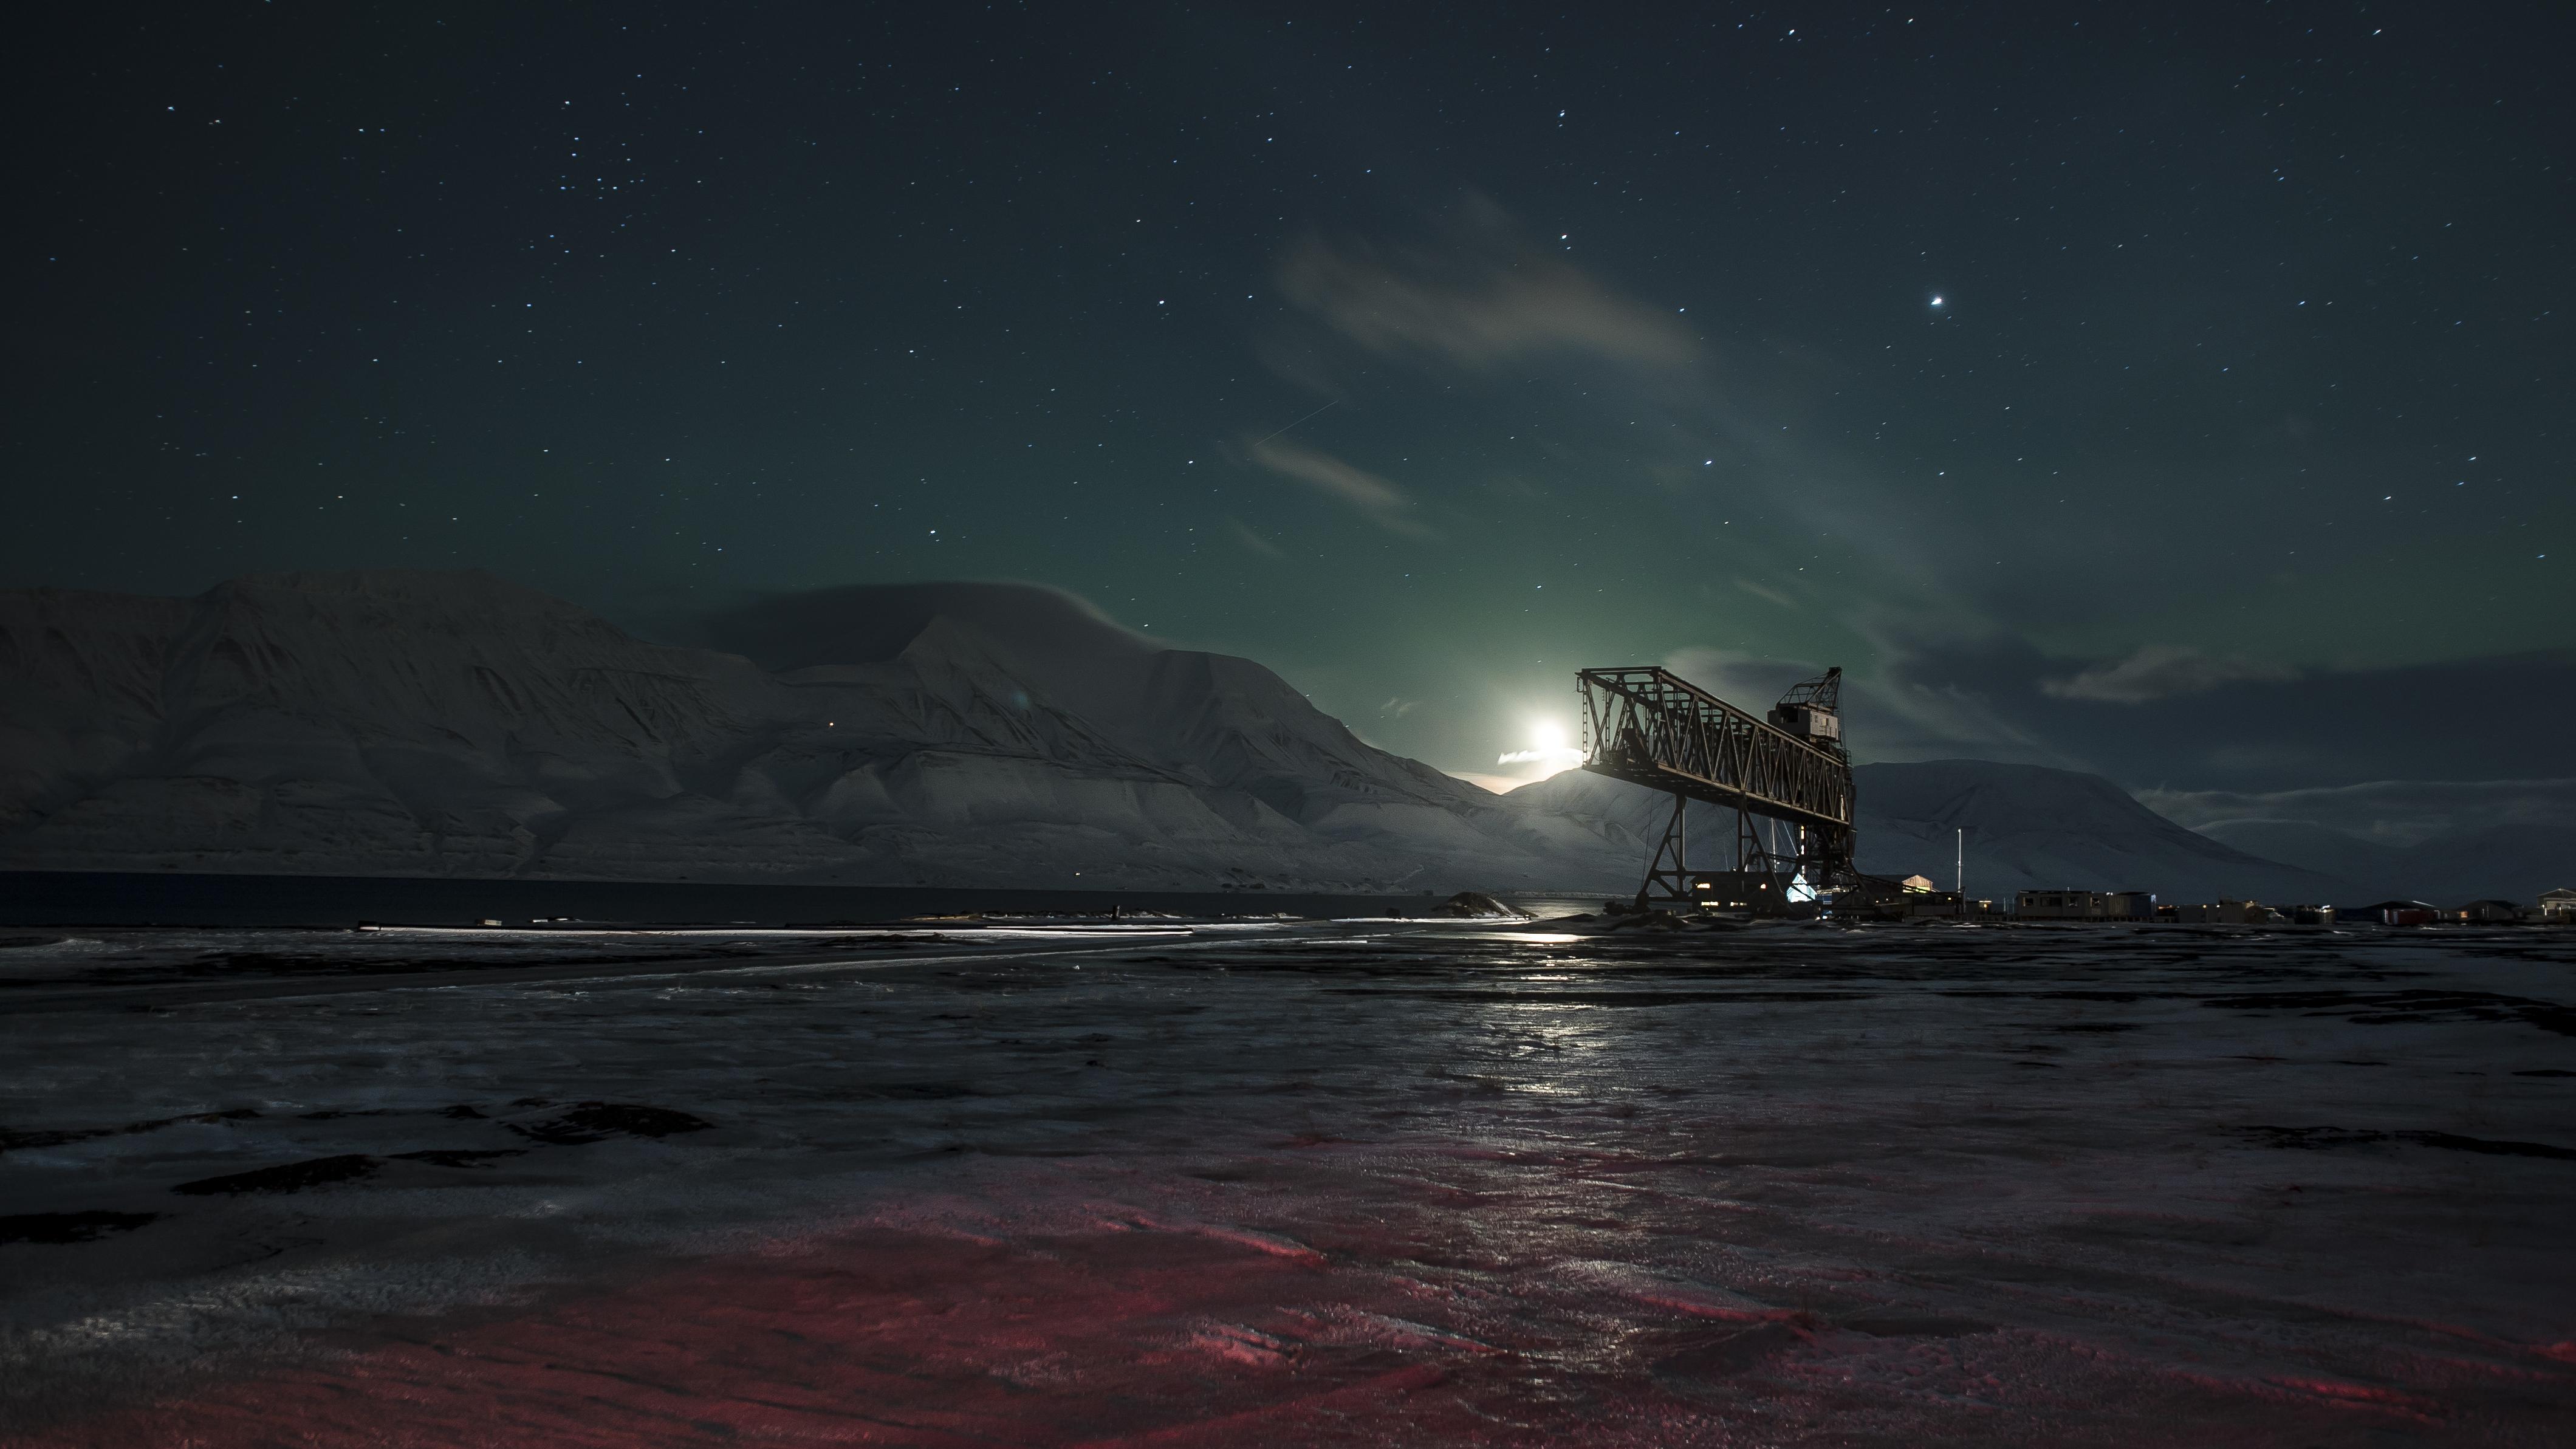 Vista desde Svalbard - 4240x2385